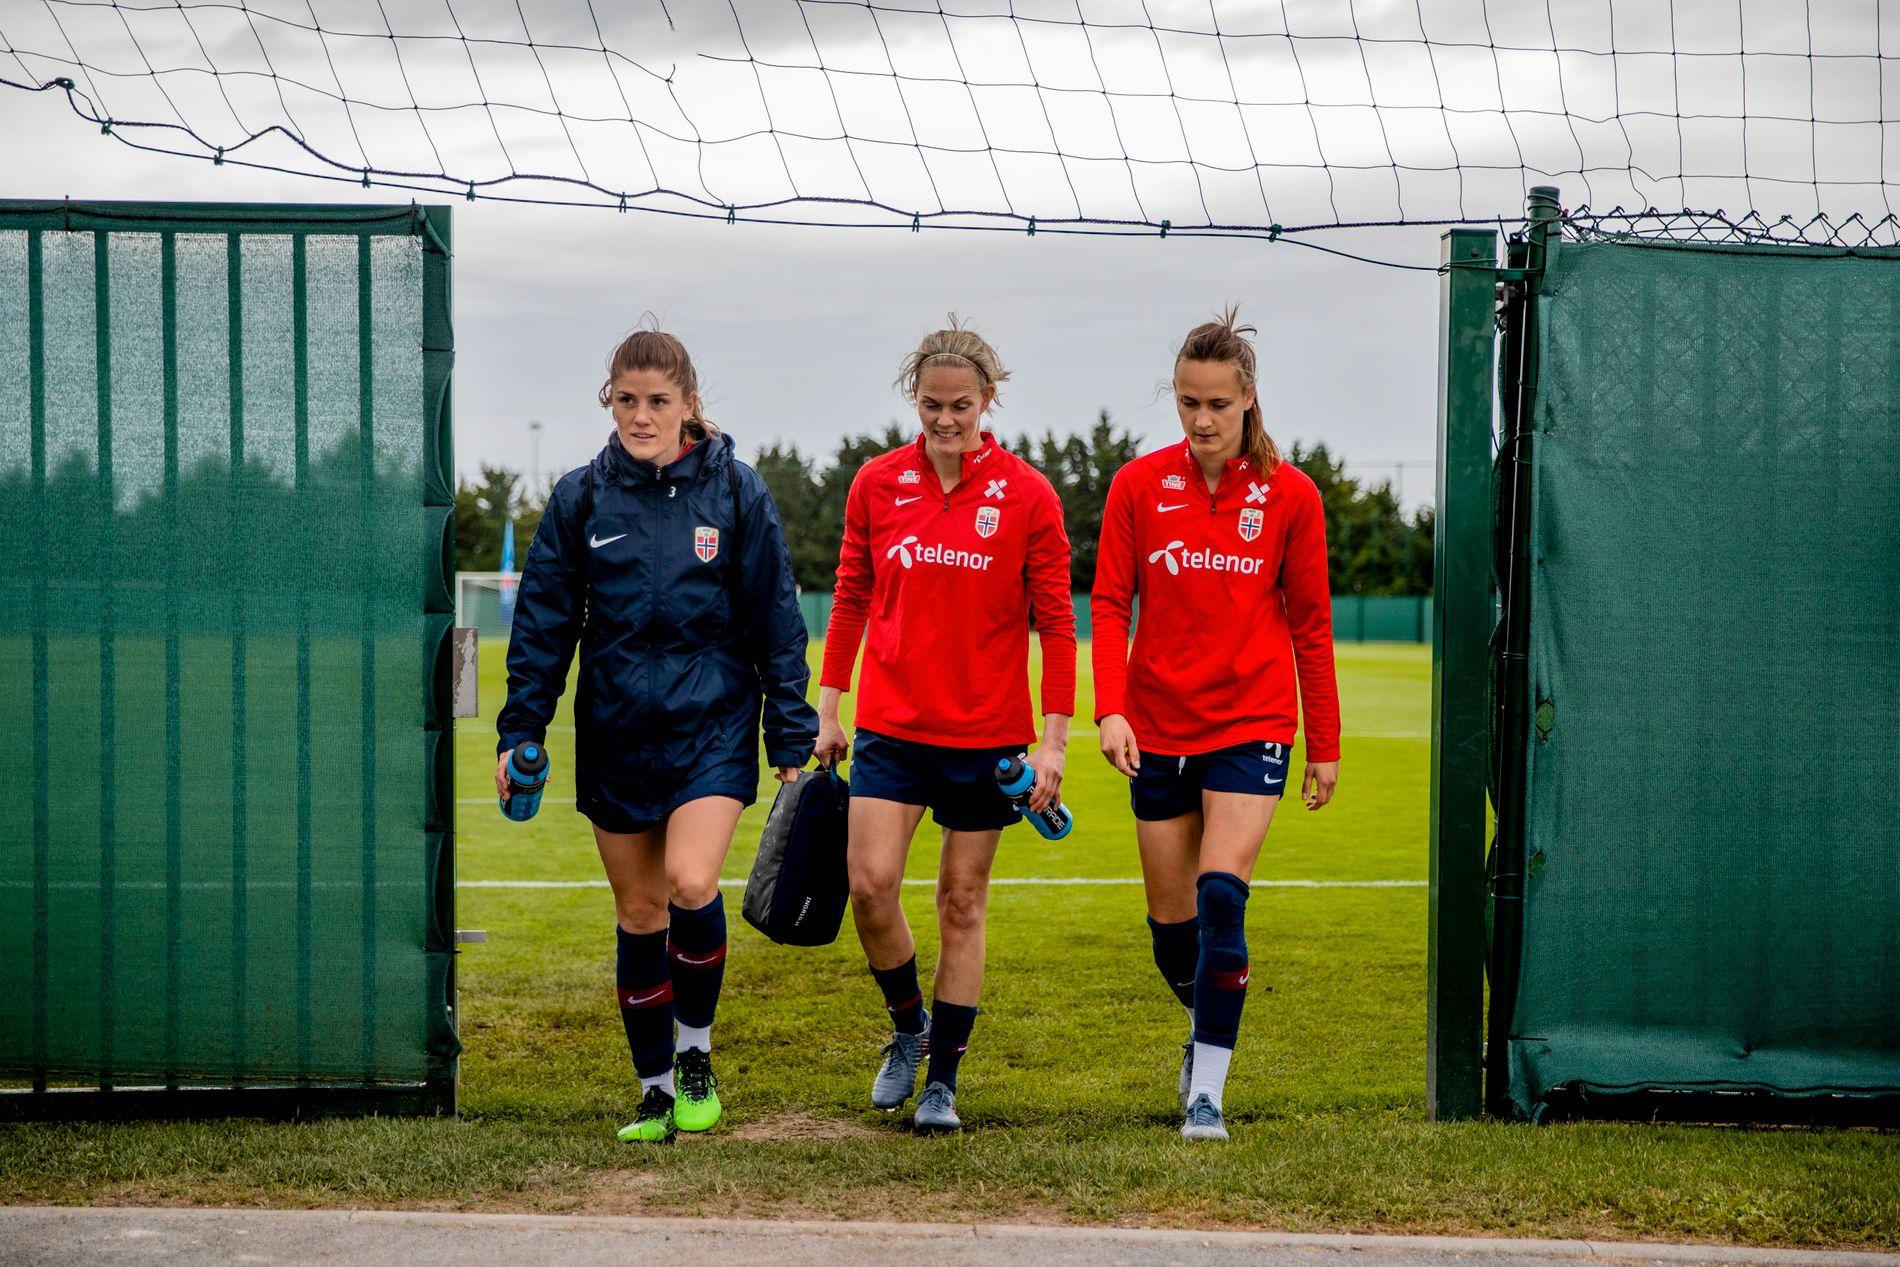 TRE VETERANER – 343 LANDSKAMPER: Ingrid Hjelmseth rusler av treningsfeltet i Reims sammen med Maren Mjelde (t.v.) og Caroline Graham Hansen (t.h.).